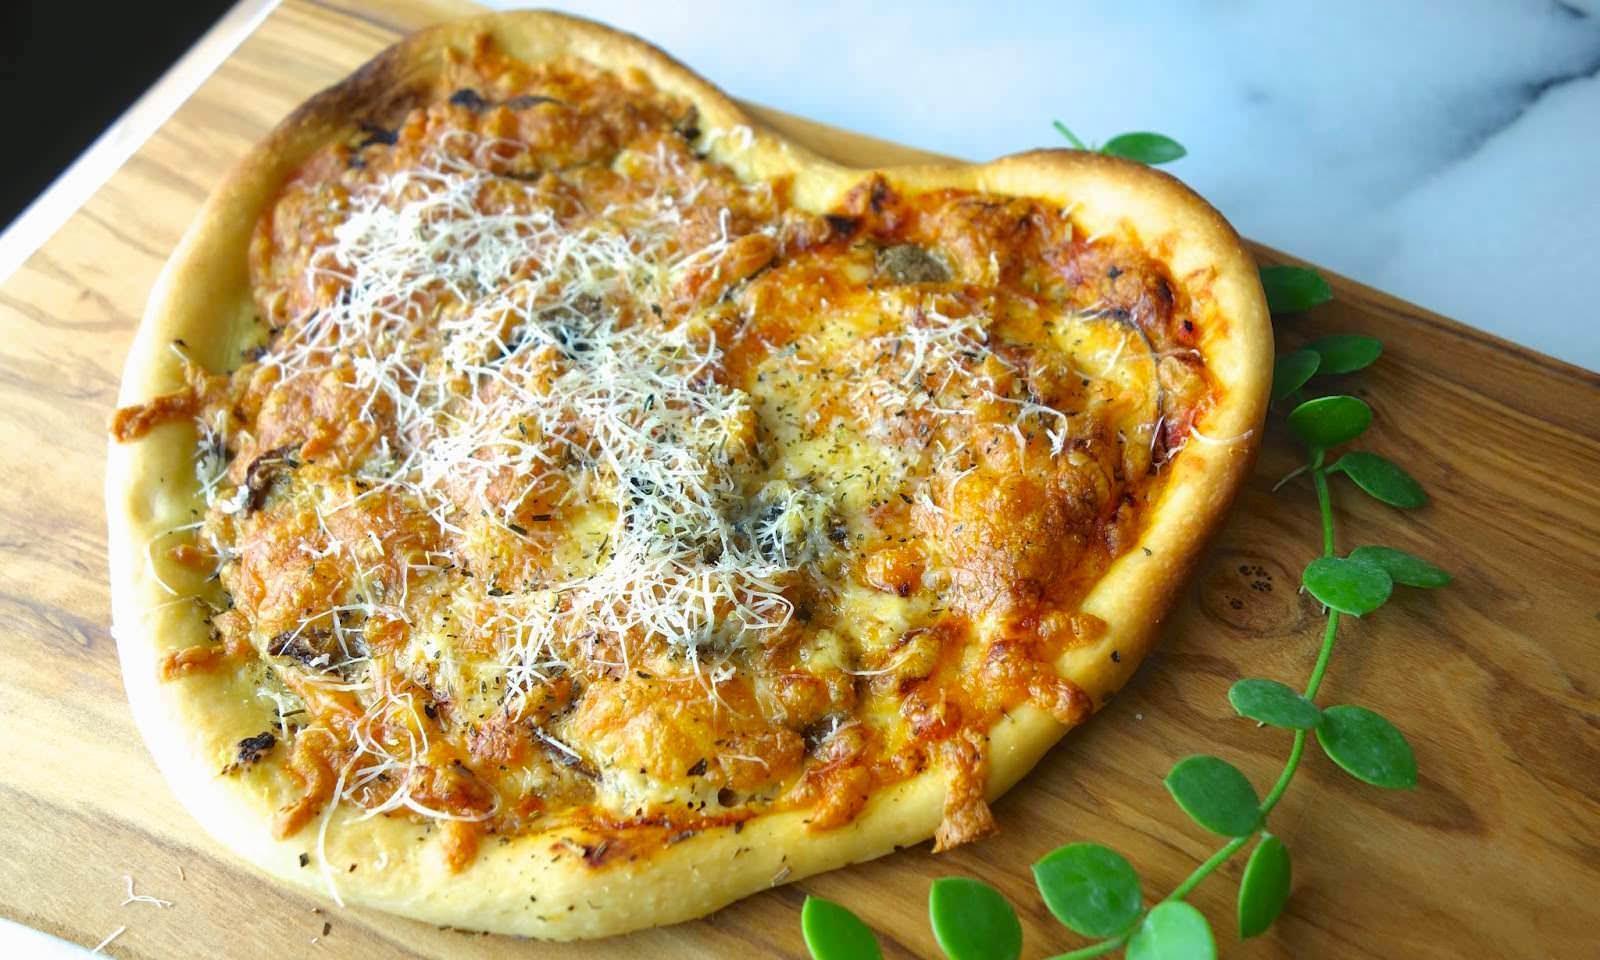 【 5 步驟上菜】快速做出浪漫心型披薩,正統義式薄脆披薩的做法,一定要學起來!